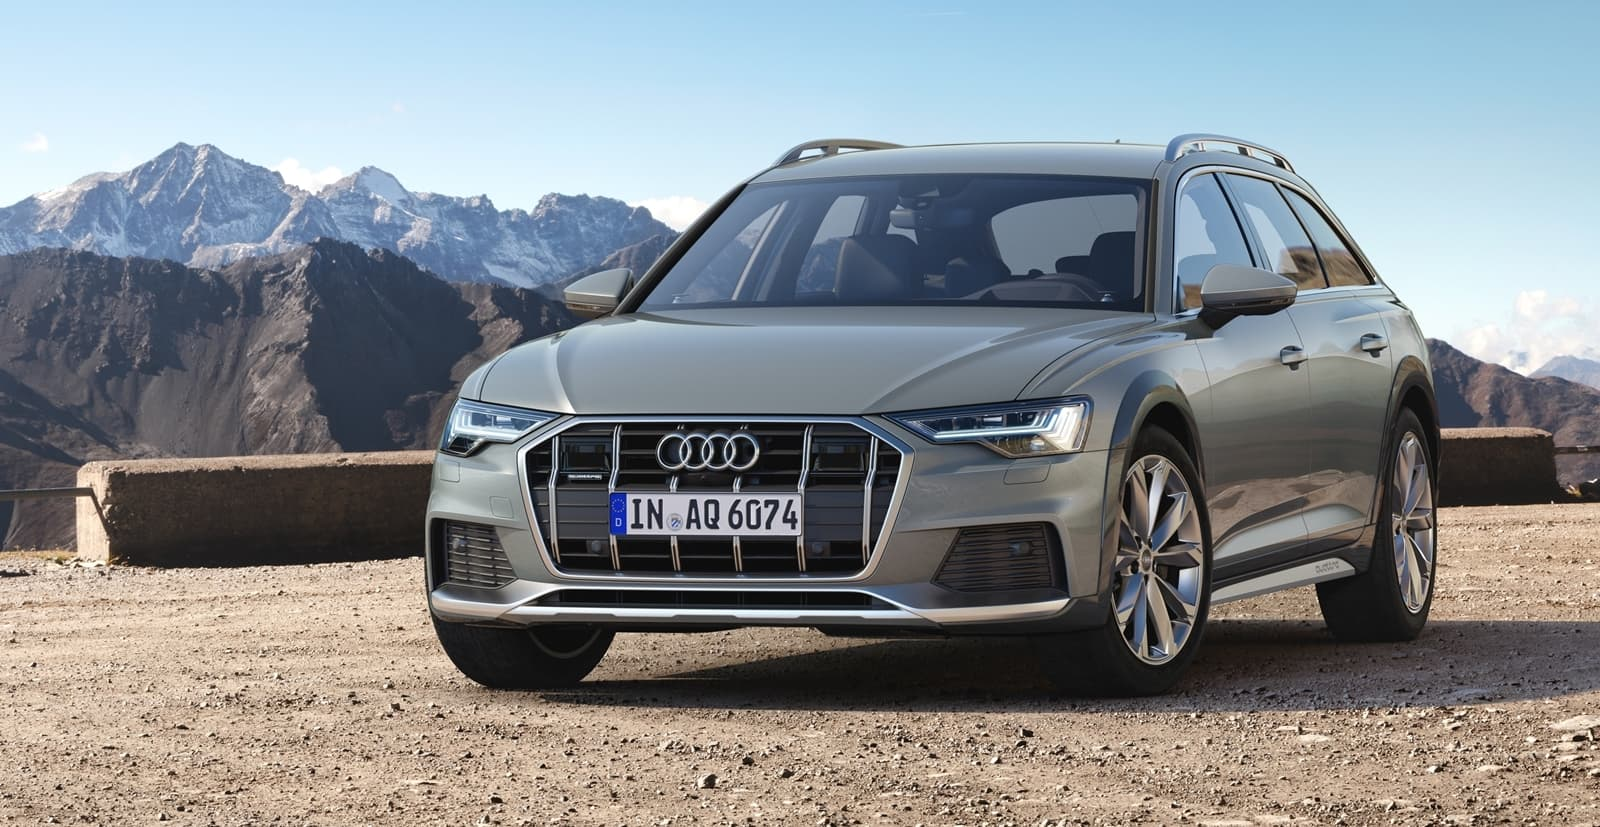 Audi A6 Allroad 2019 0619 015